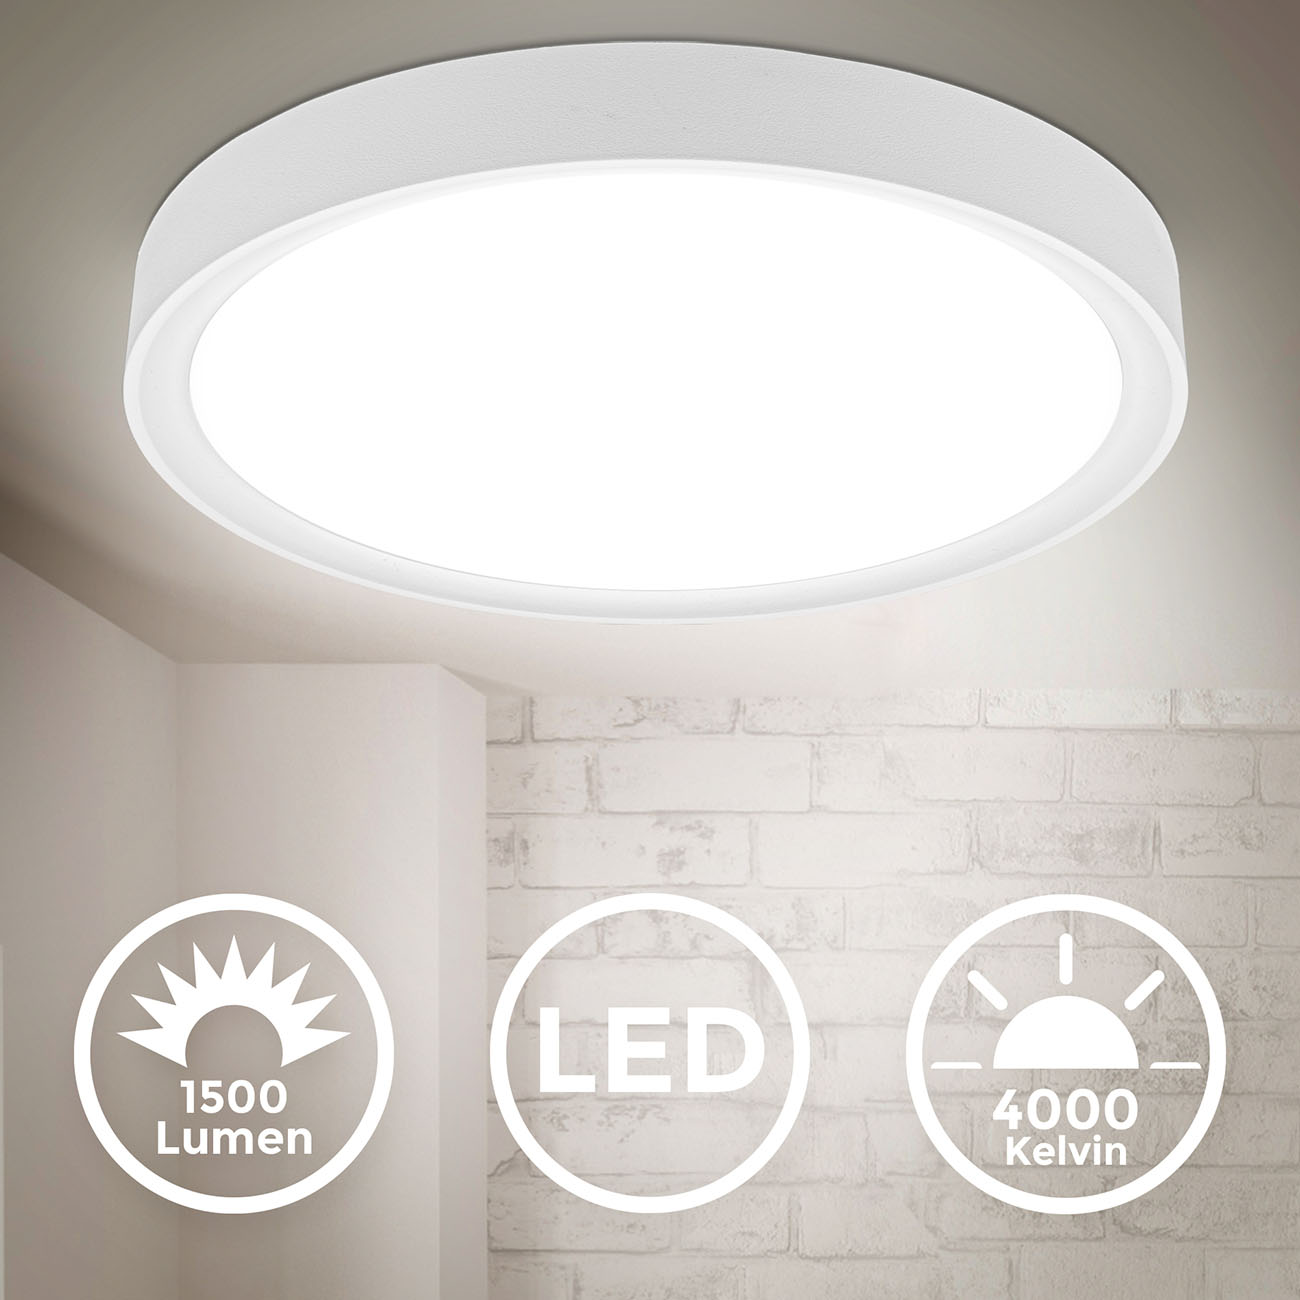 LED Deckenlampe neutralweiß rund  - 3